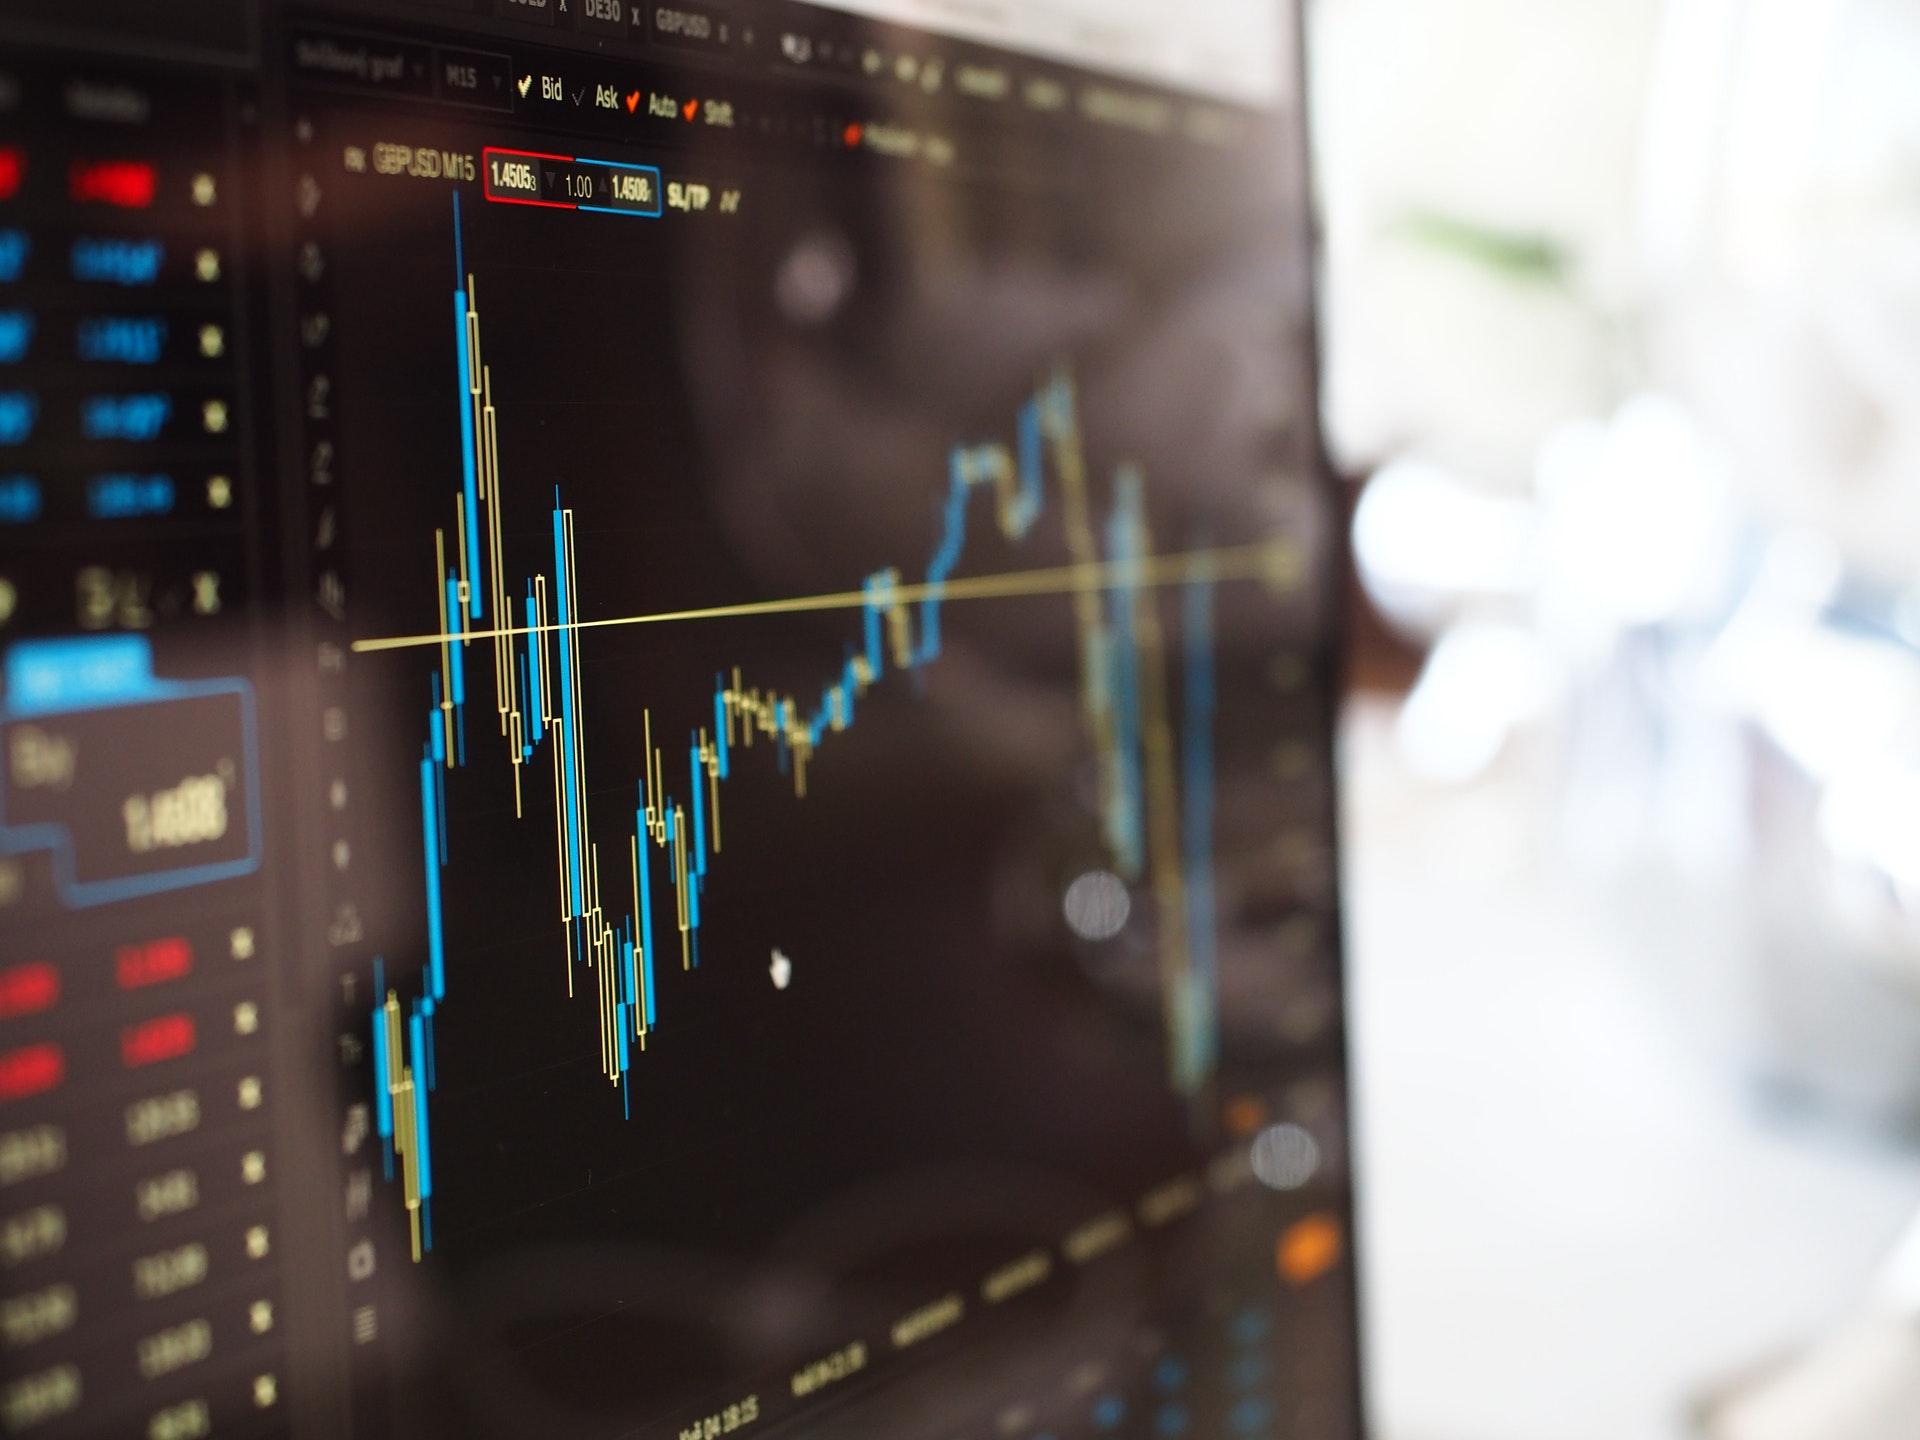 Gráficos da bolsa de valores - Day Trade   Imagem: Pexels